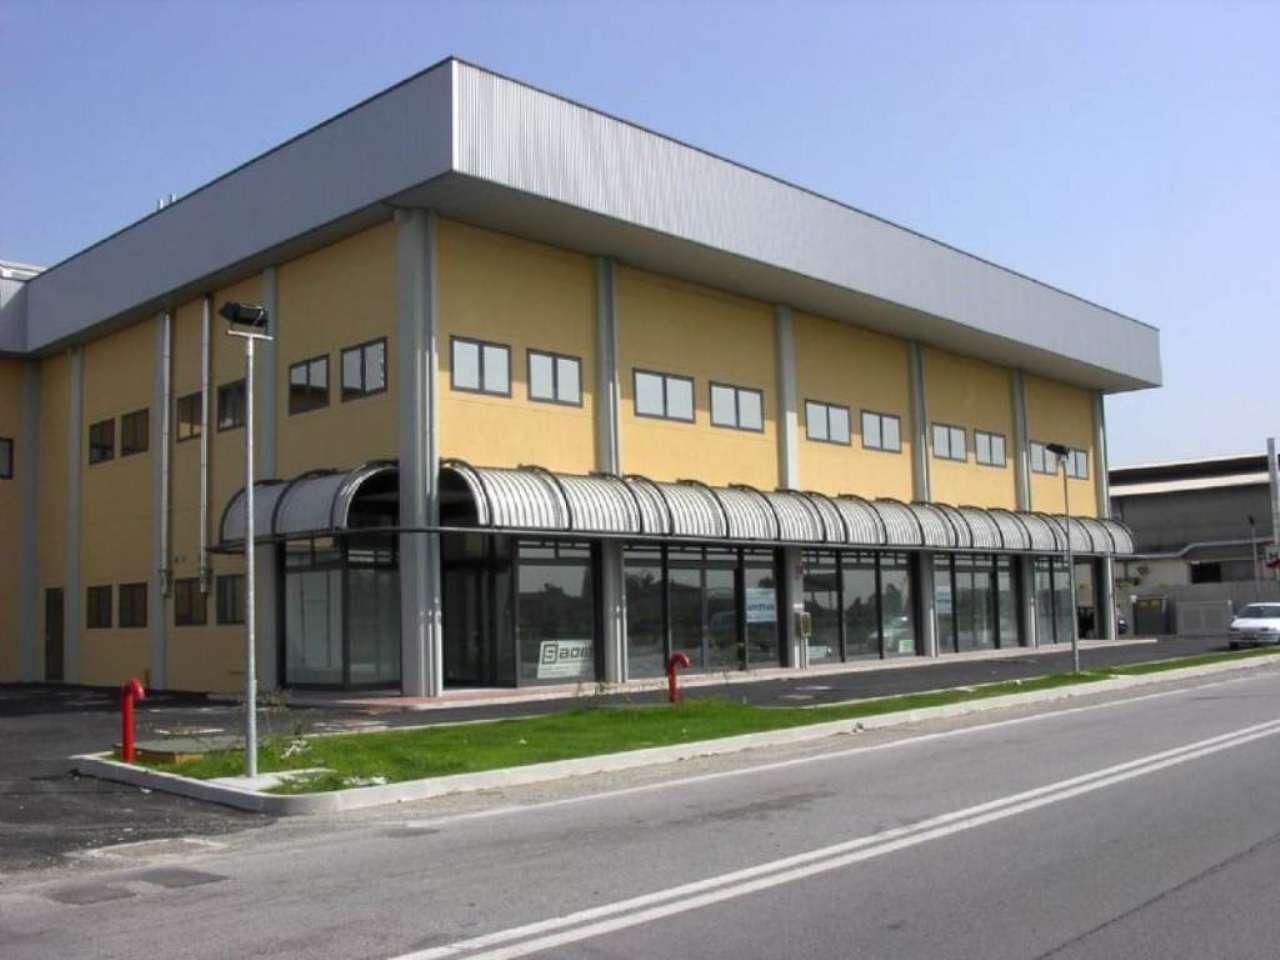 Negozio / Locale in vendita a Marcon, 9999 locali, Trattative riservate | Cambio Casa.it